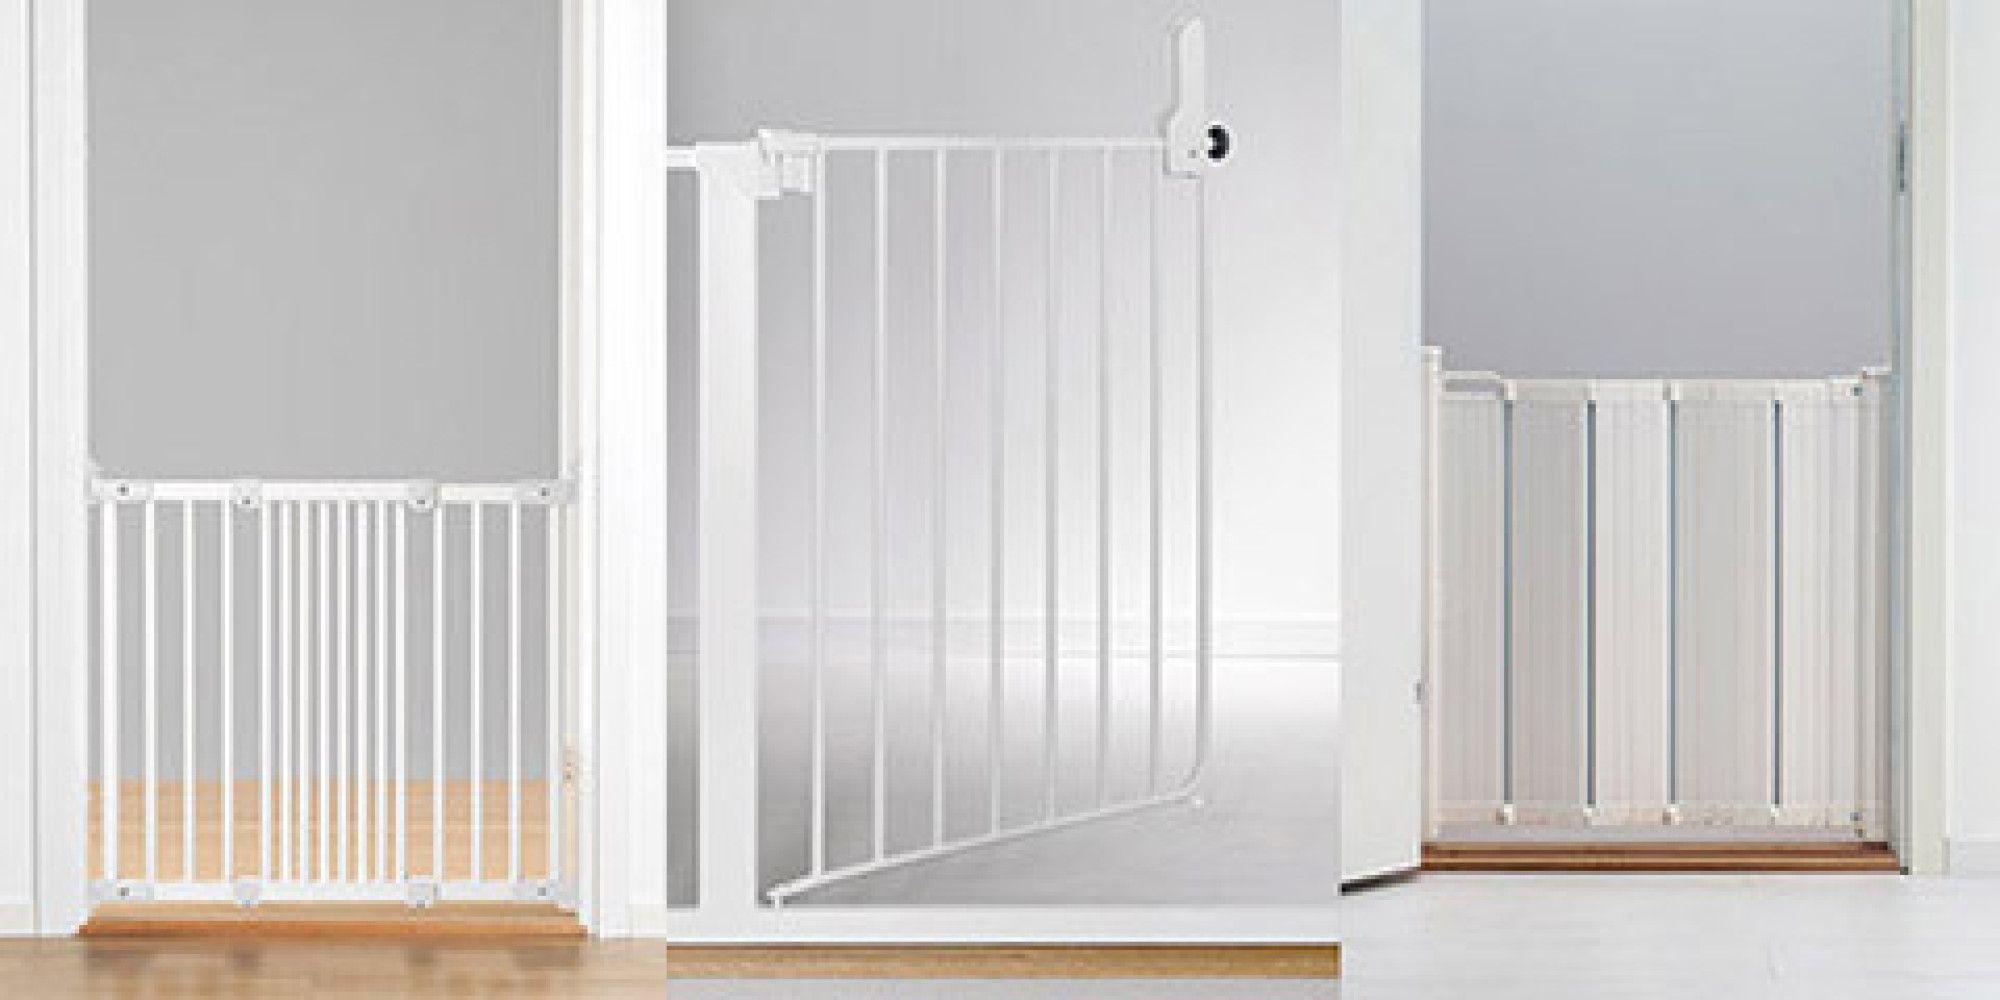 Ikea Safety Gates Can Injur Your Child Swedish Furniture Retailer